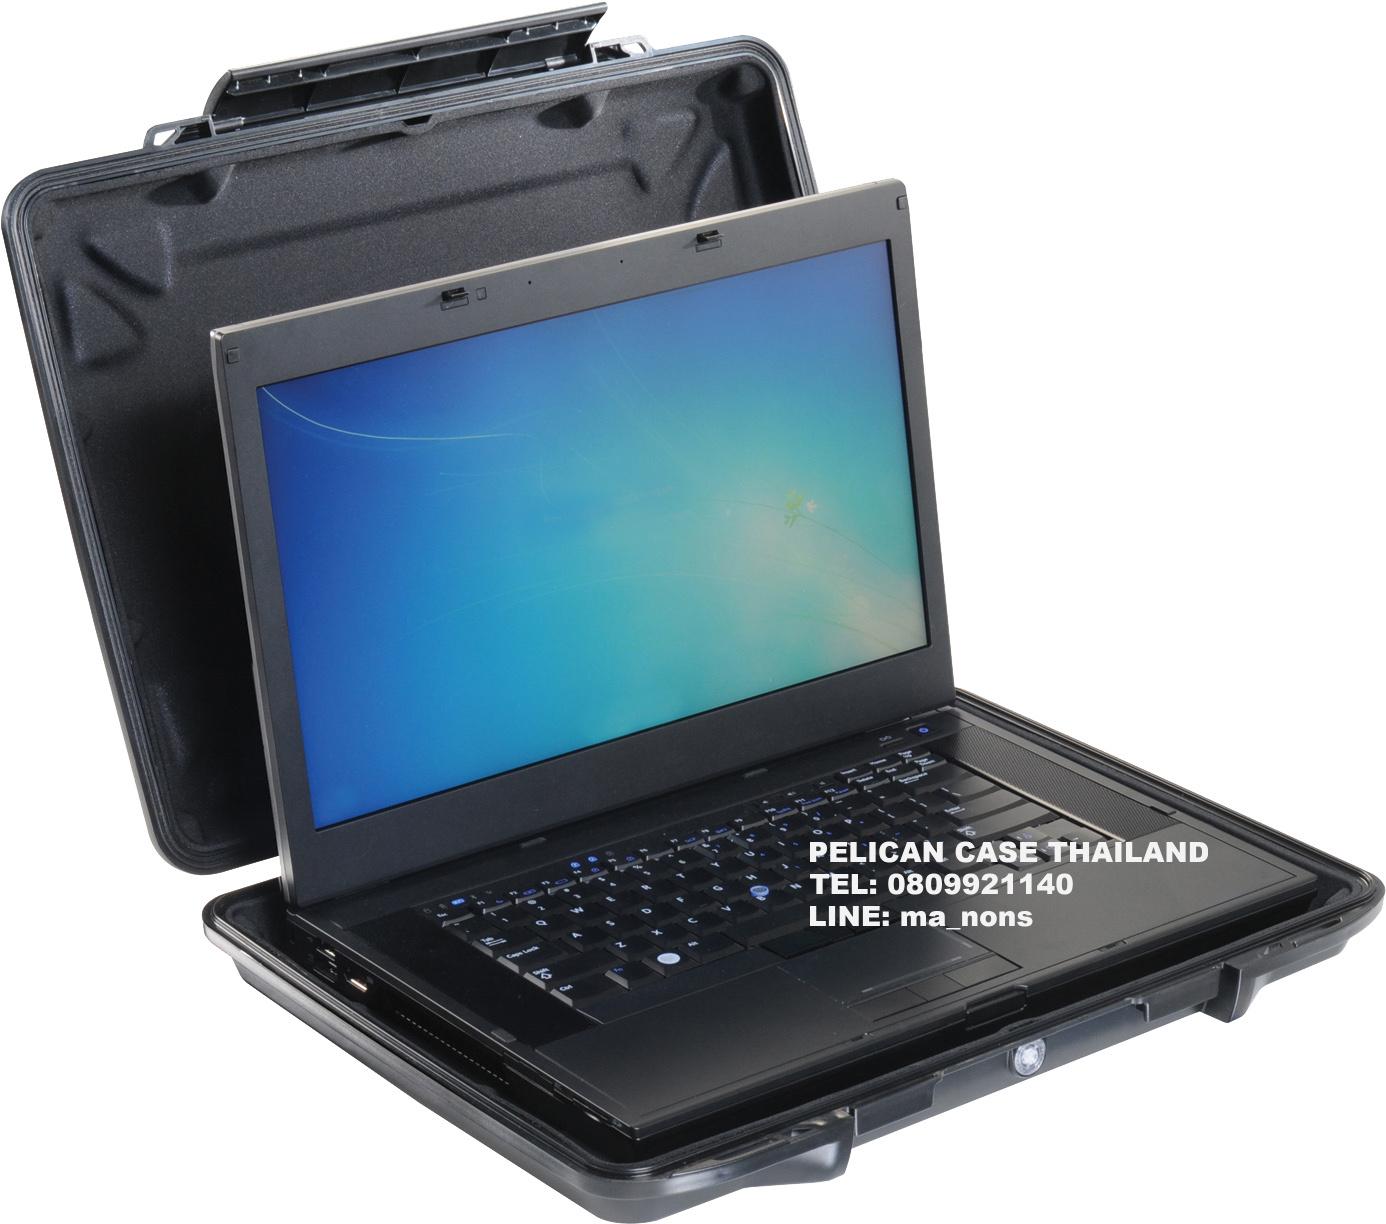 PELICAN™ 1095 HARDBACK CASE WITH FOAM